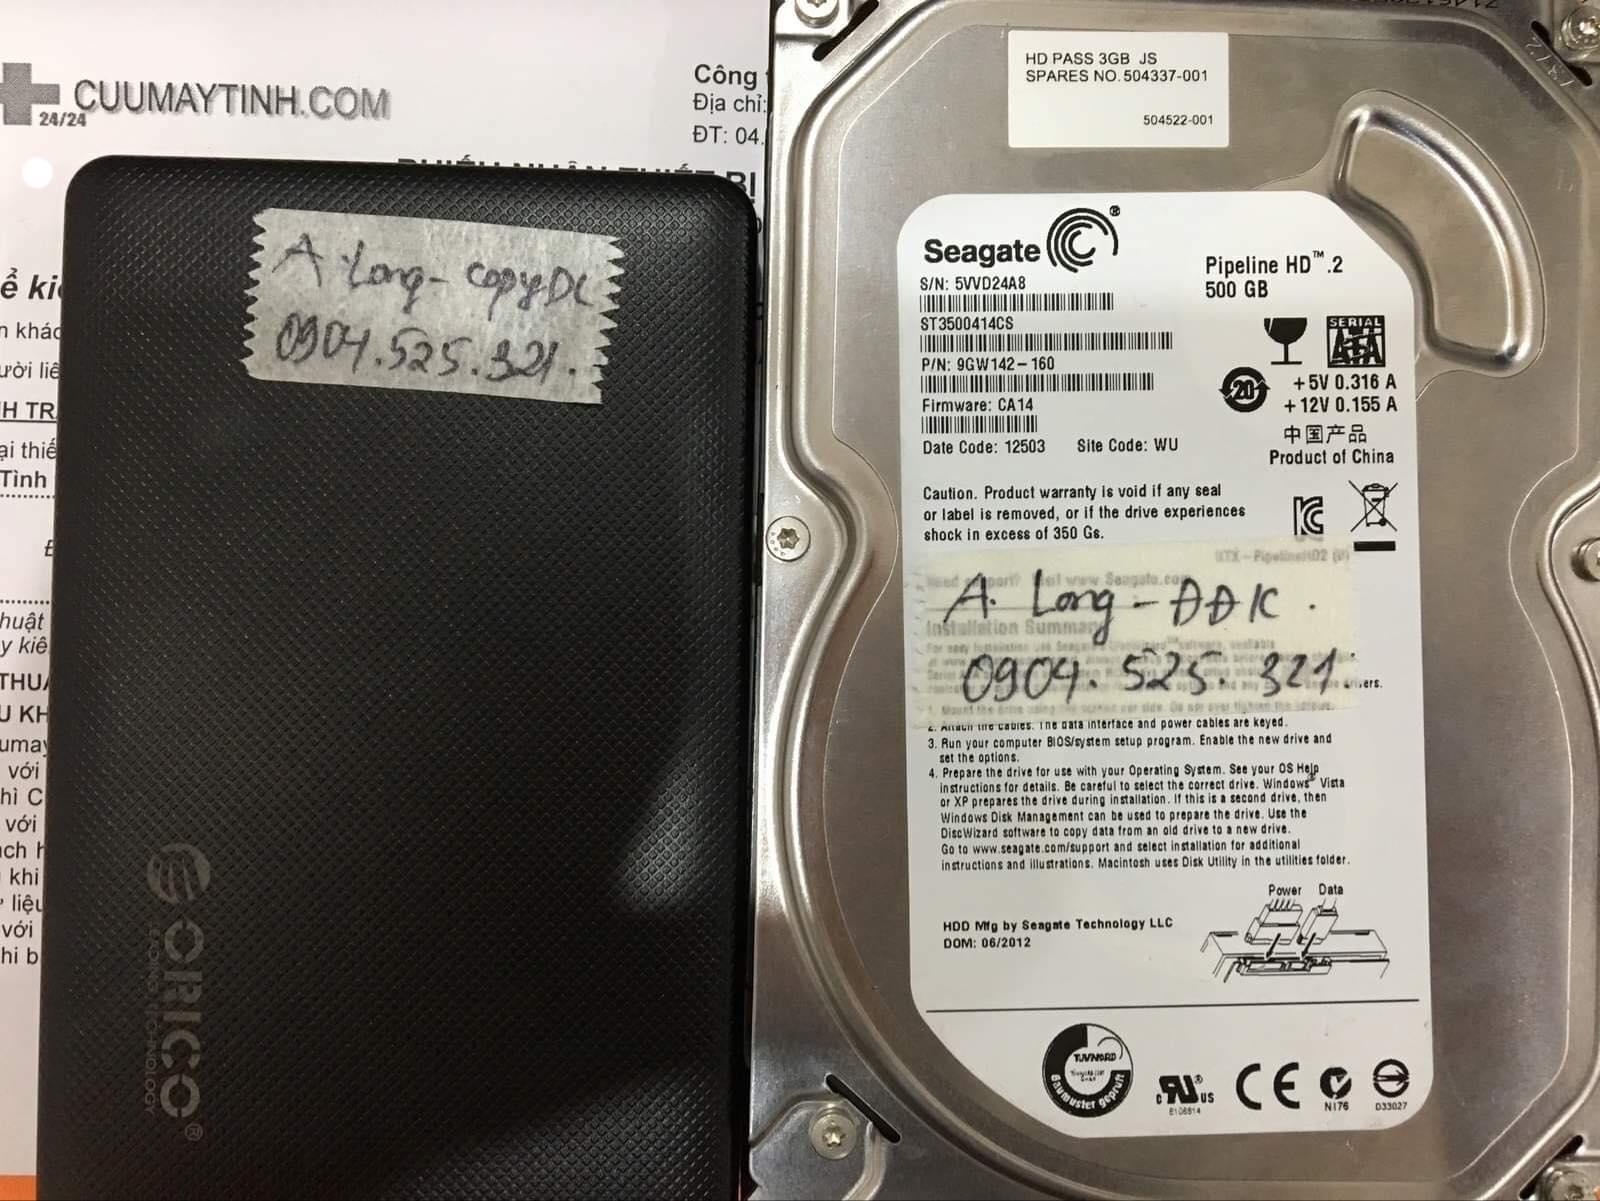 Cứu dữ liệu ổ cứng Seagate 500GB đầu đọc kém 29/06/2019 - cuumaytinh